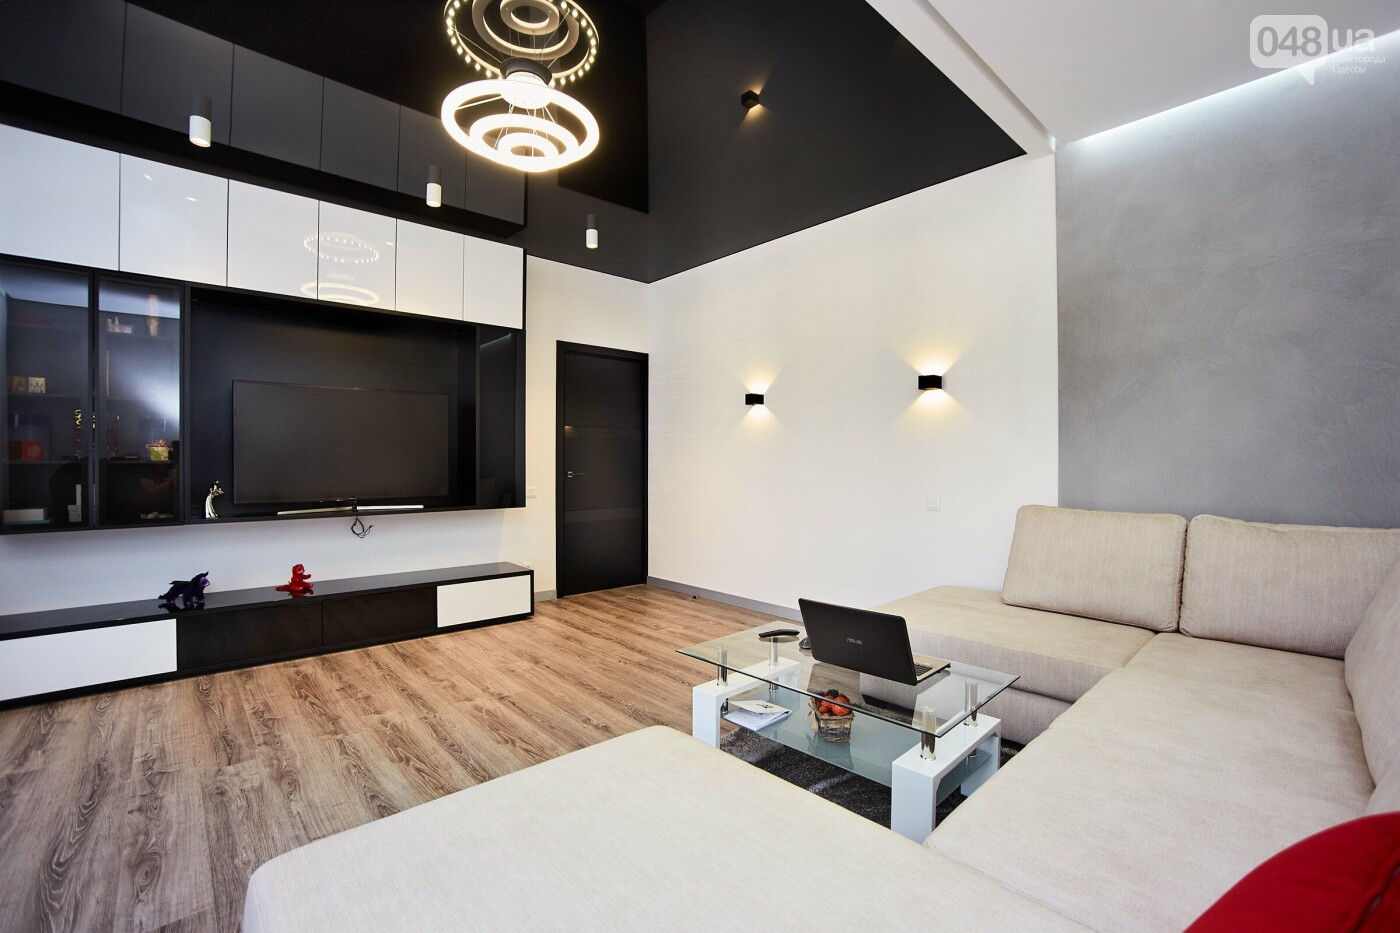 Качественный ремонт квартир в Одессе: быстро, доступно, качественно, фото-1